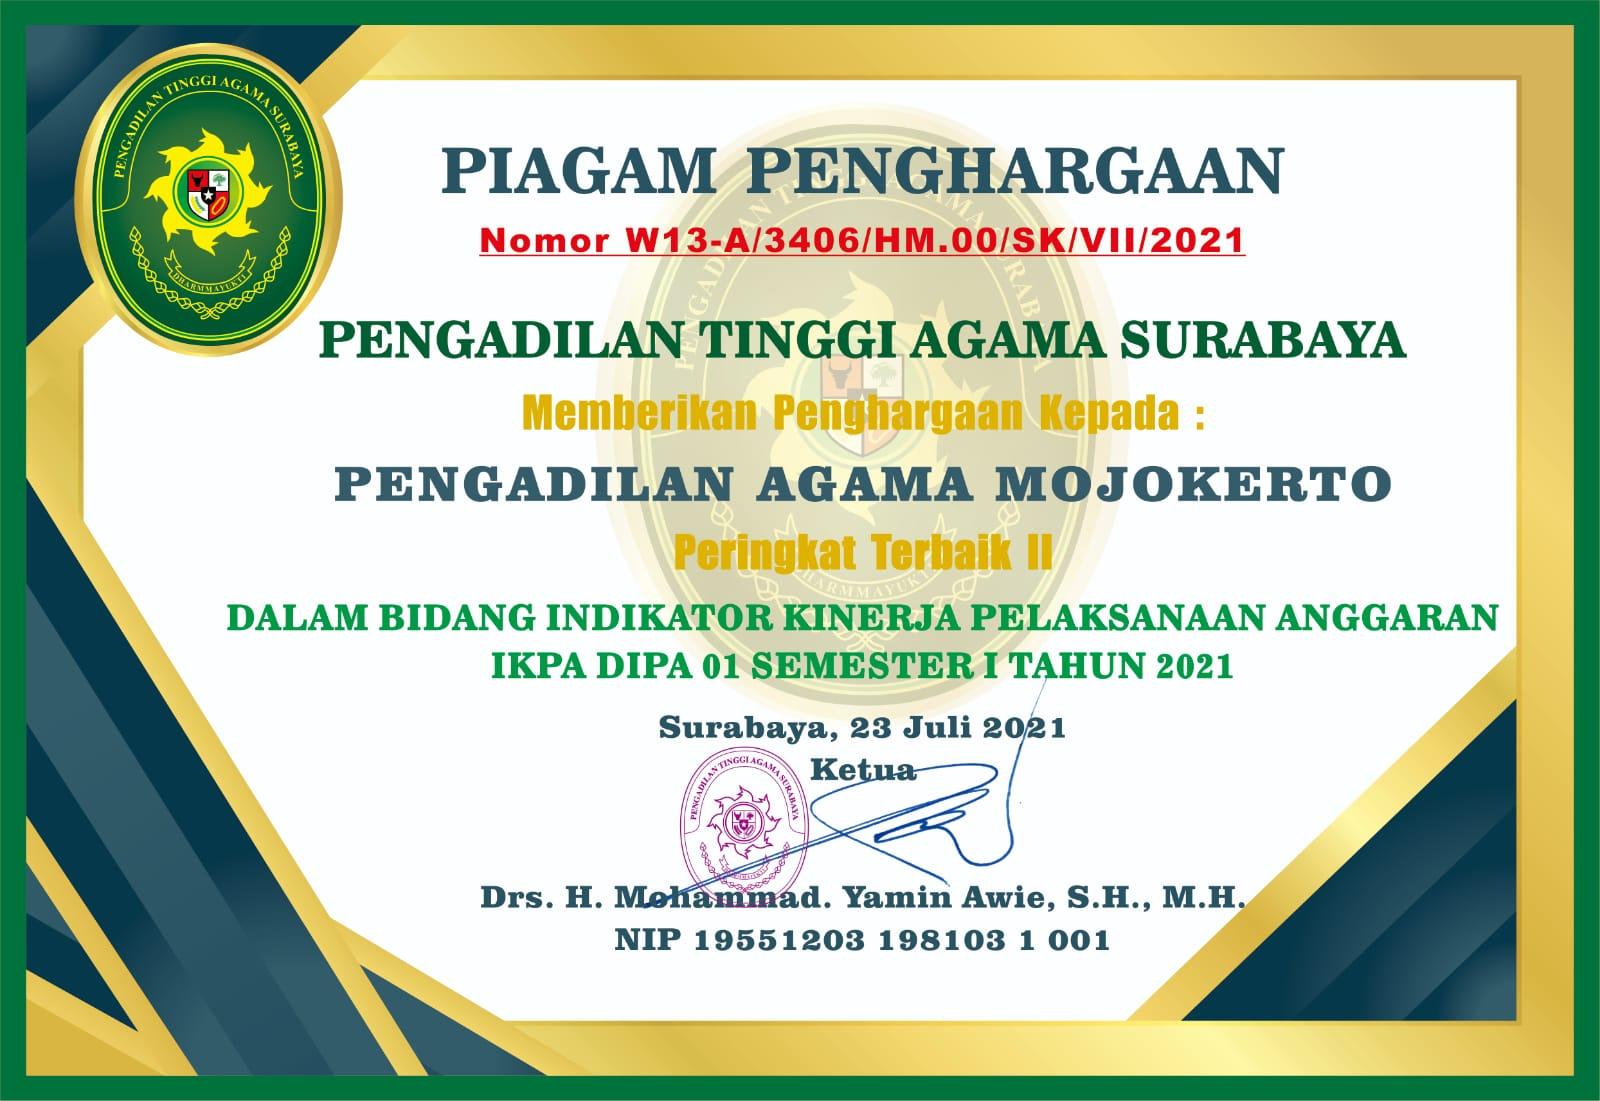 Peringkat 2 IKPA DIPA 01 Semester 1 Tahun 2021 Se-Jawa Timur